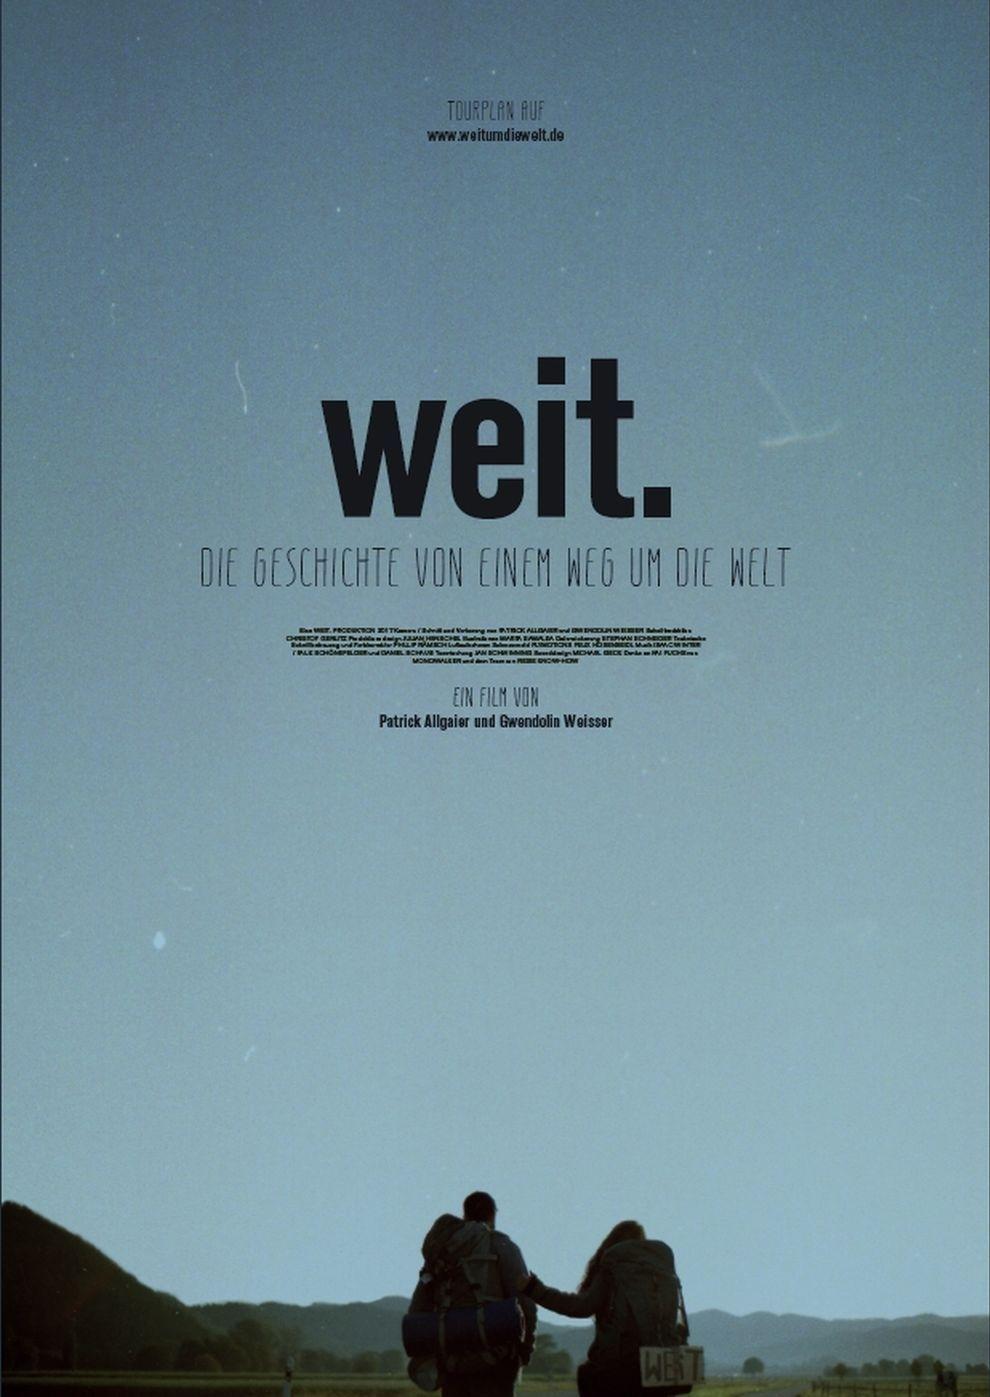 Weit. Ein Weg um die Welt (Poster)